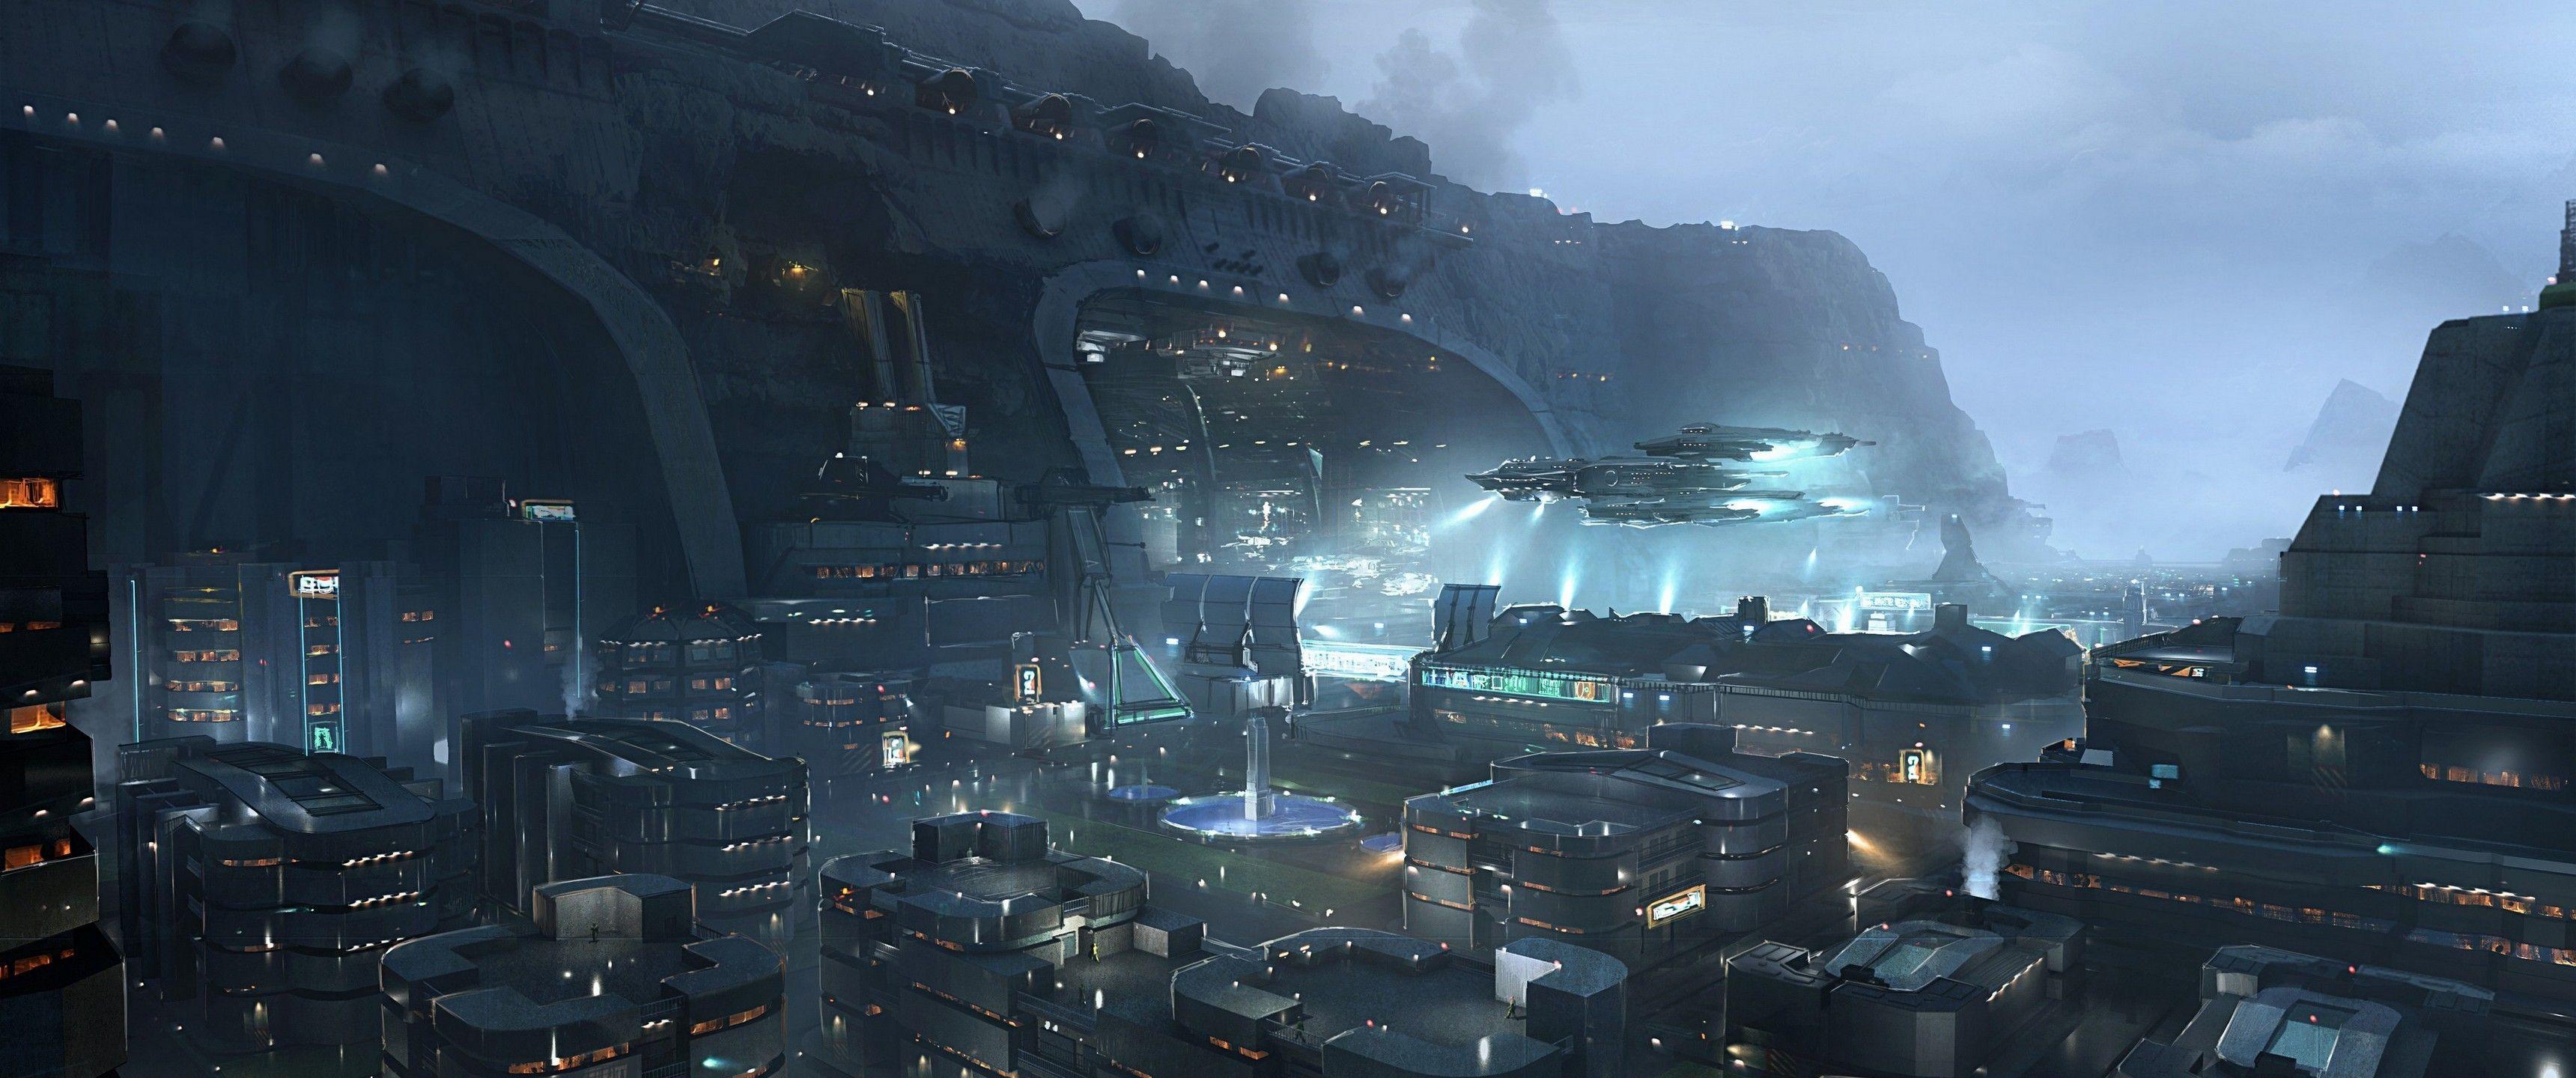 Inspirational 6880 X 1440 Wallpaper Environnement De Science Fiction Ville Cyberpunk Art Cyberpunk